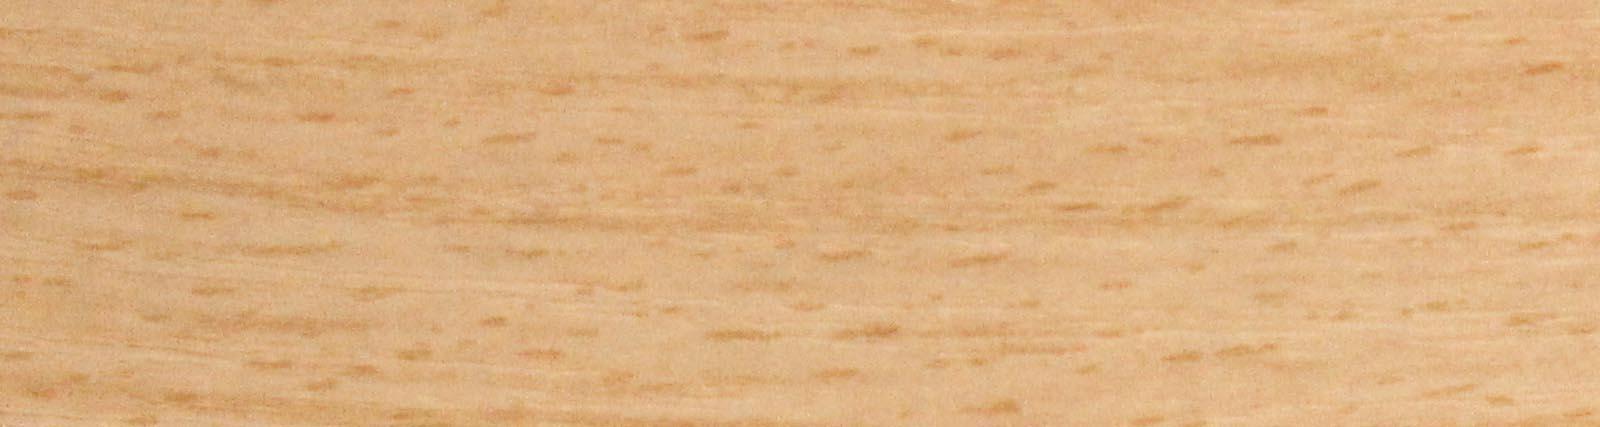 LIGHt Beech  22 x 2 mm